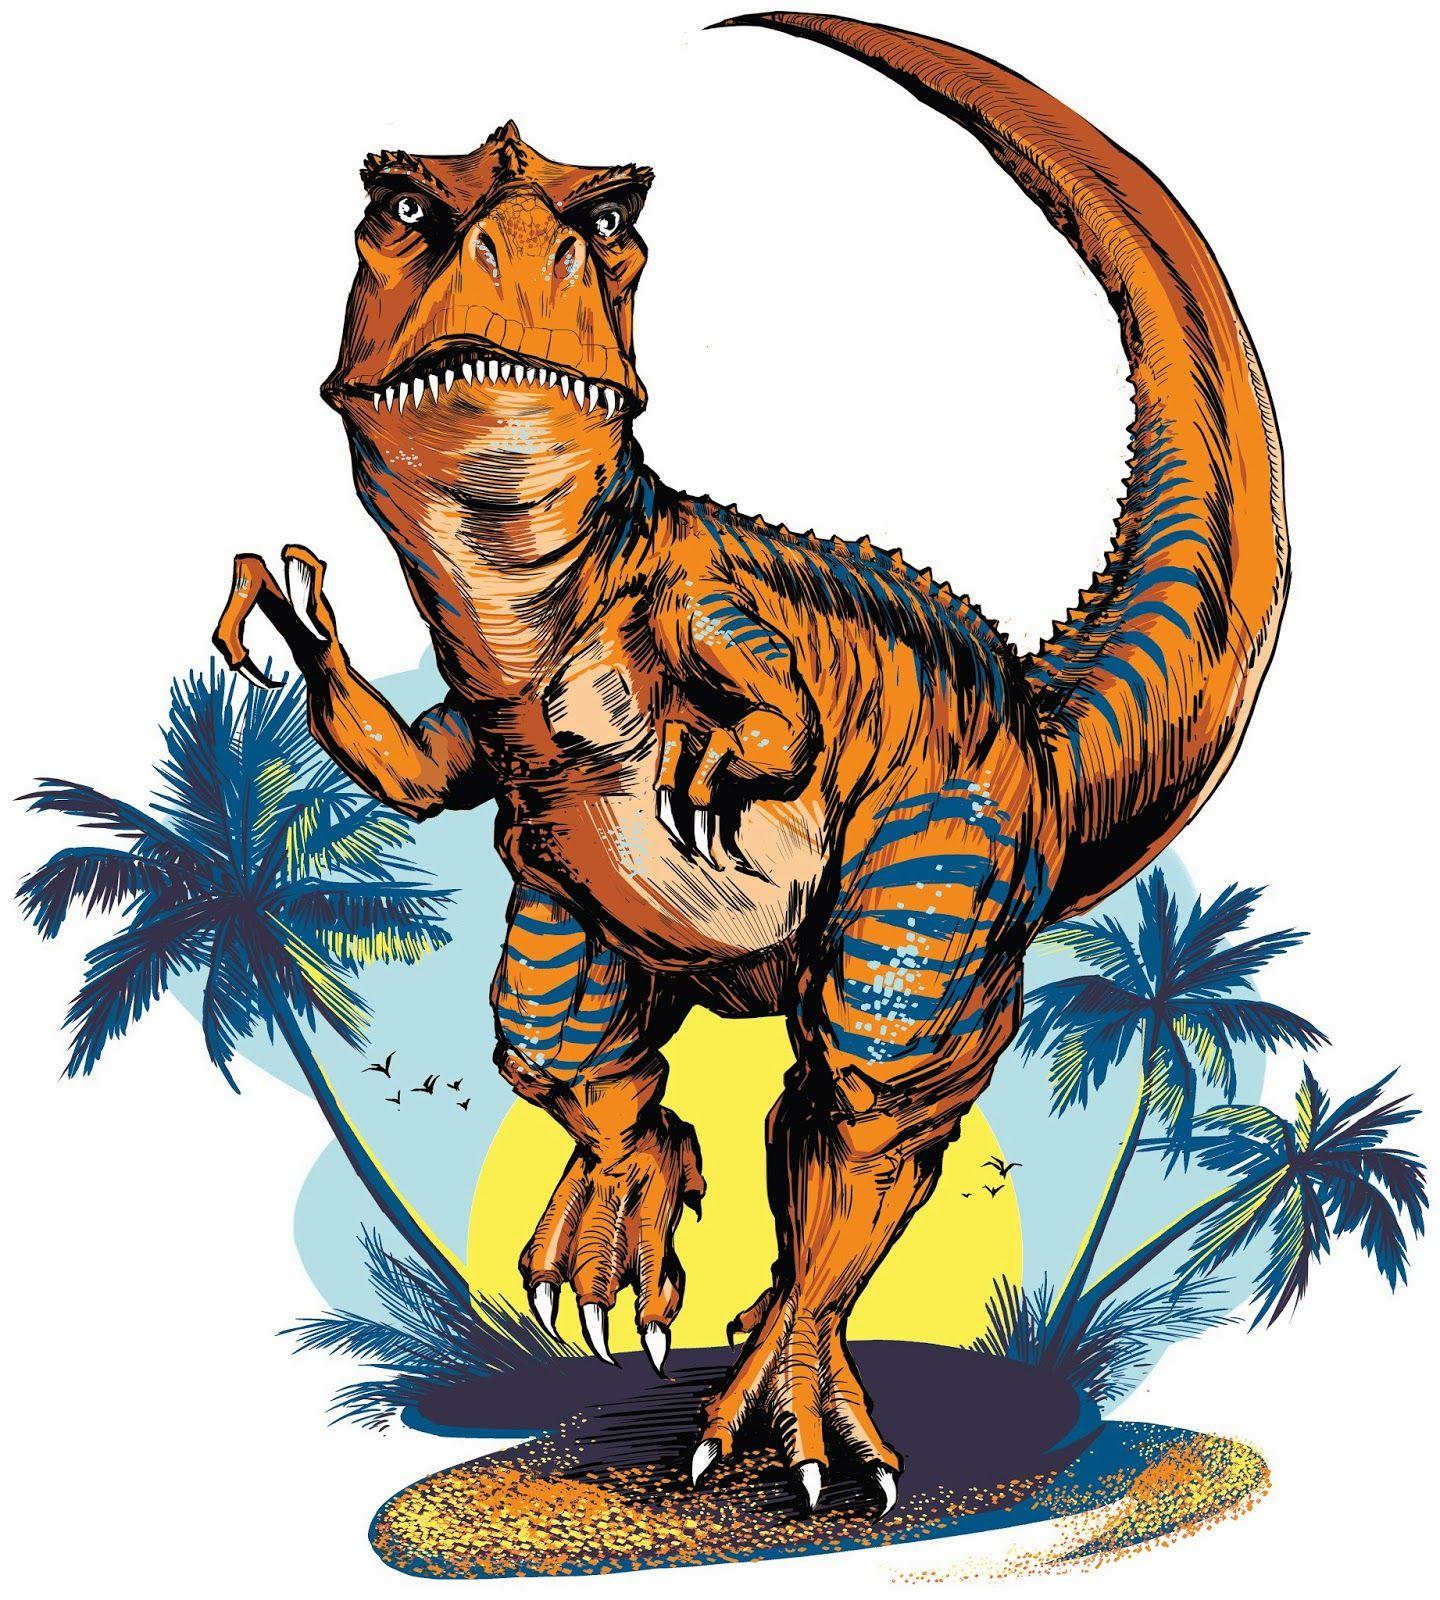 злой динозавр картинка распространение руст